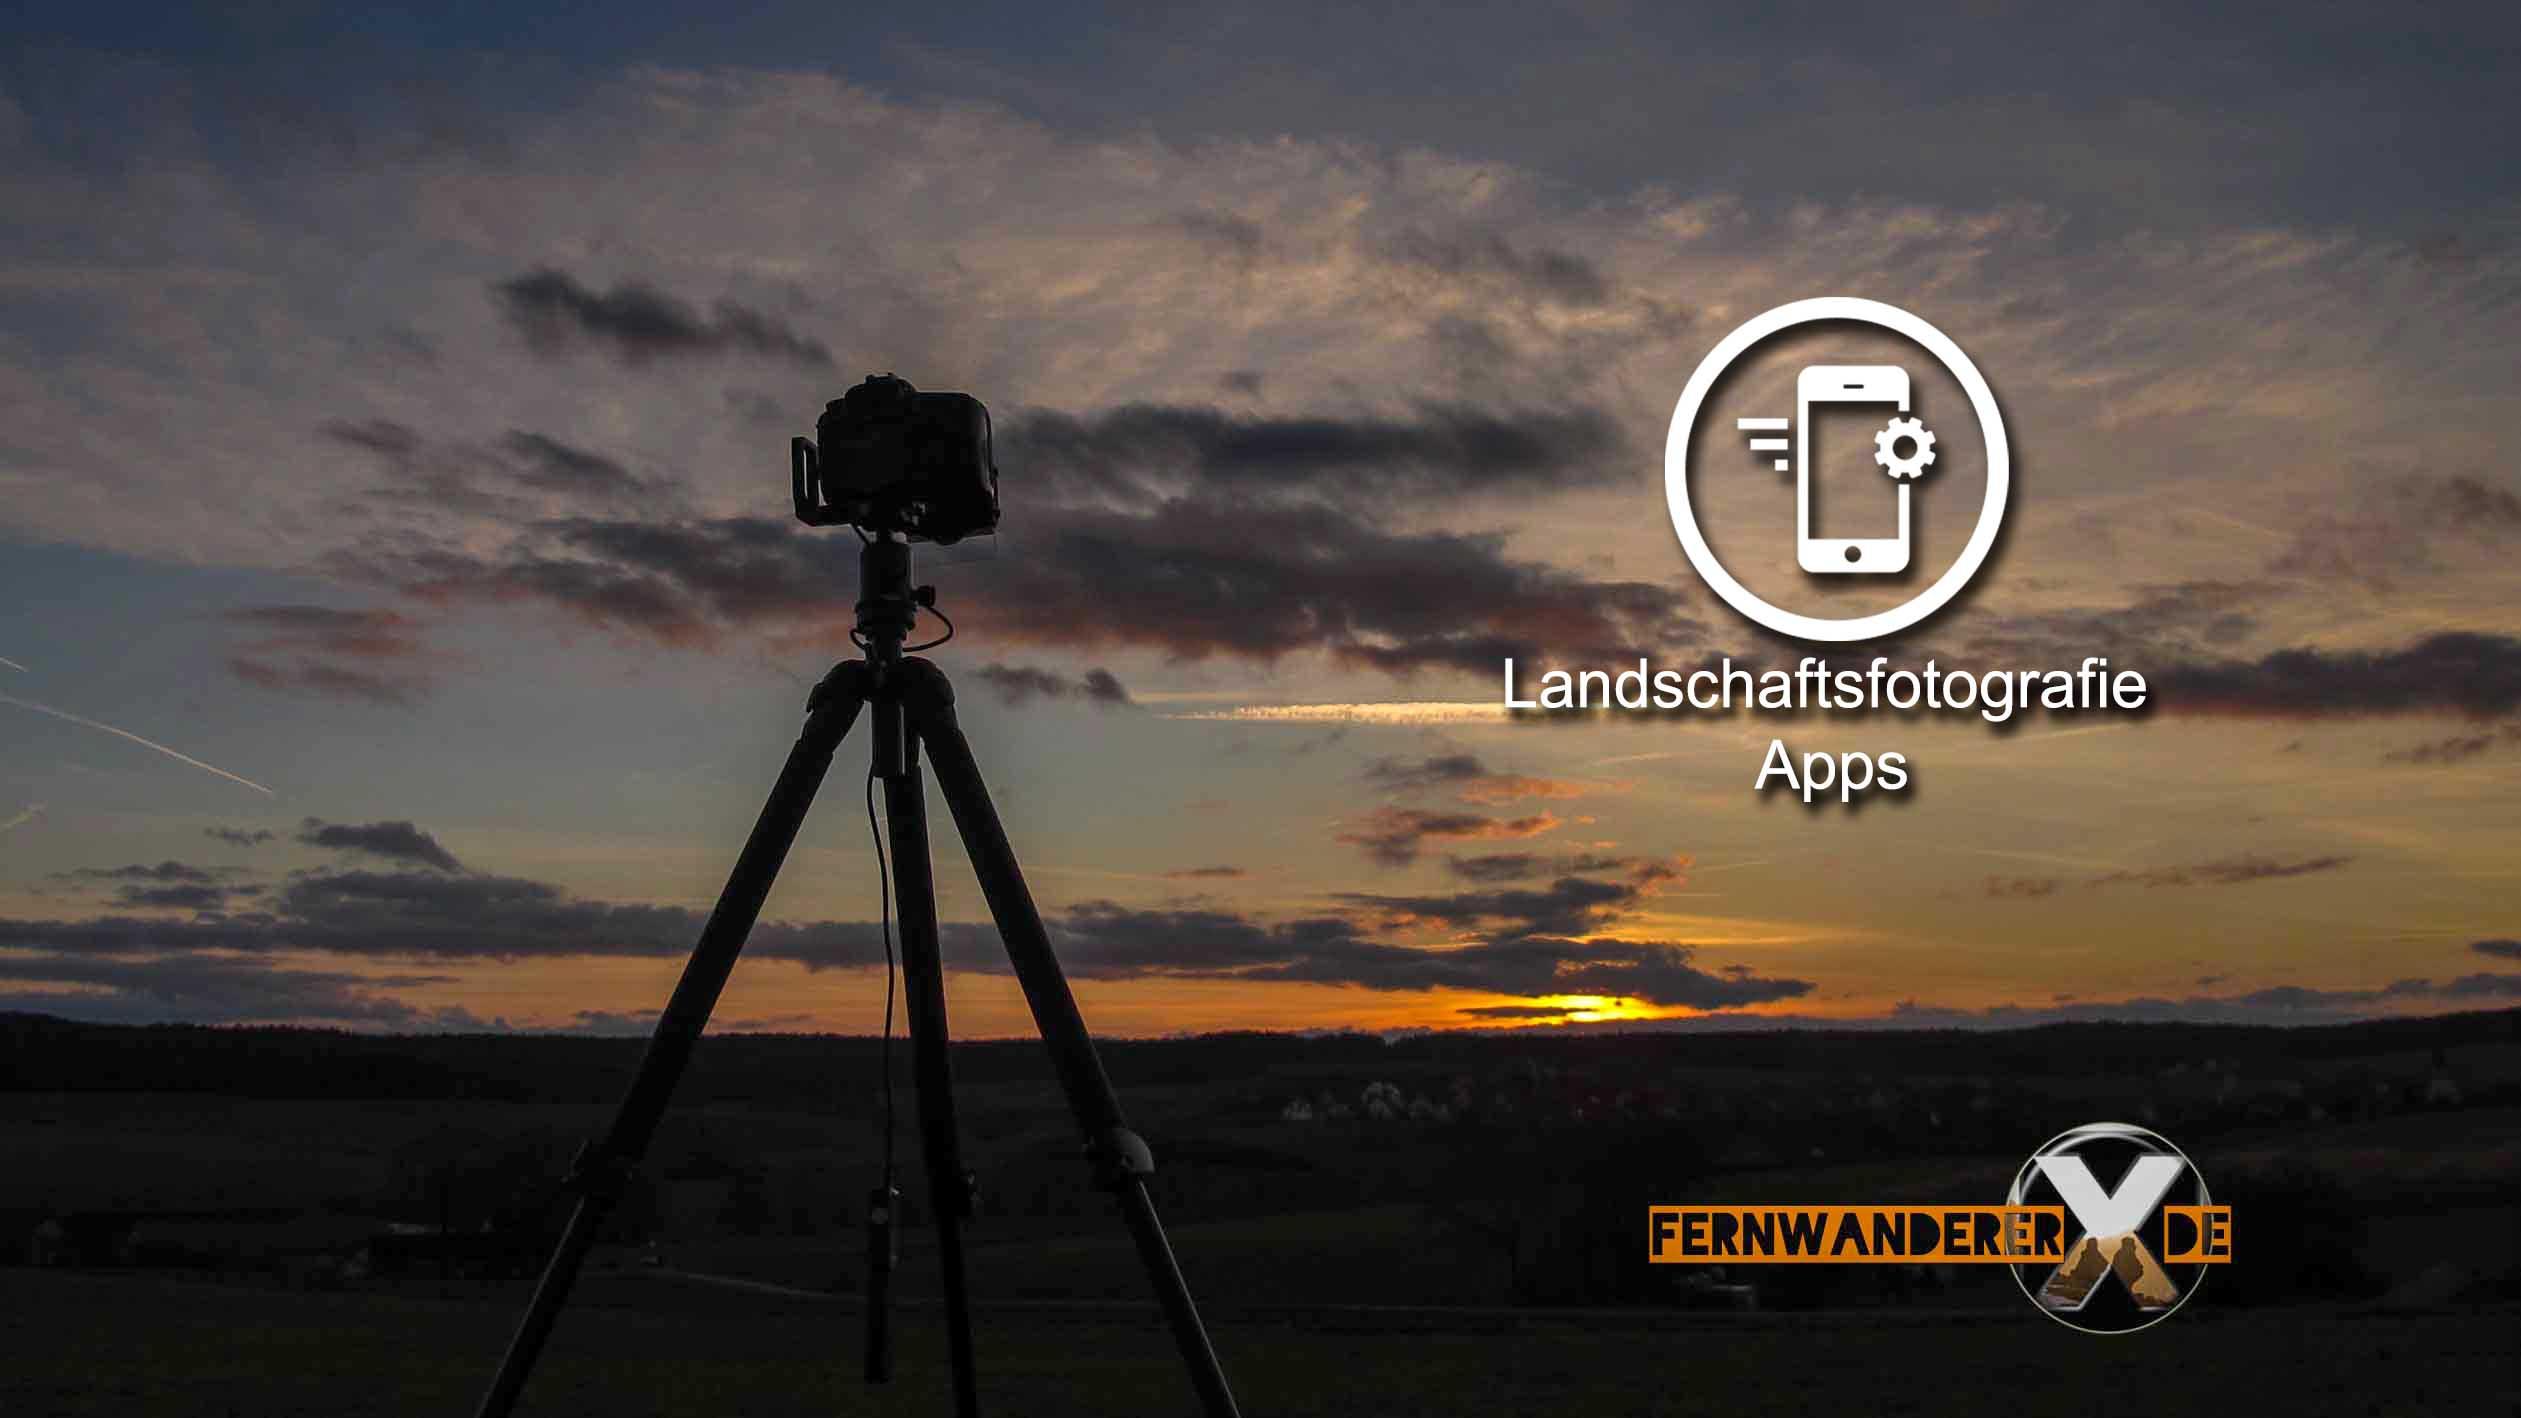 Landschaftsfotografie apps für ANDROID Sonnenverlauf Astrofoto berechner Hiilfreiche - Apps für Landschaftsfotografie